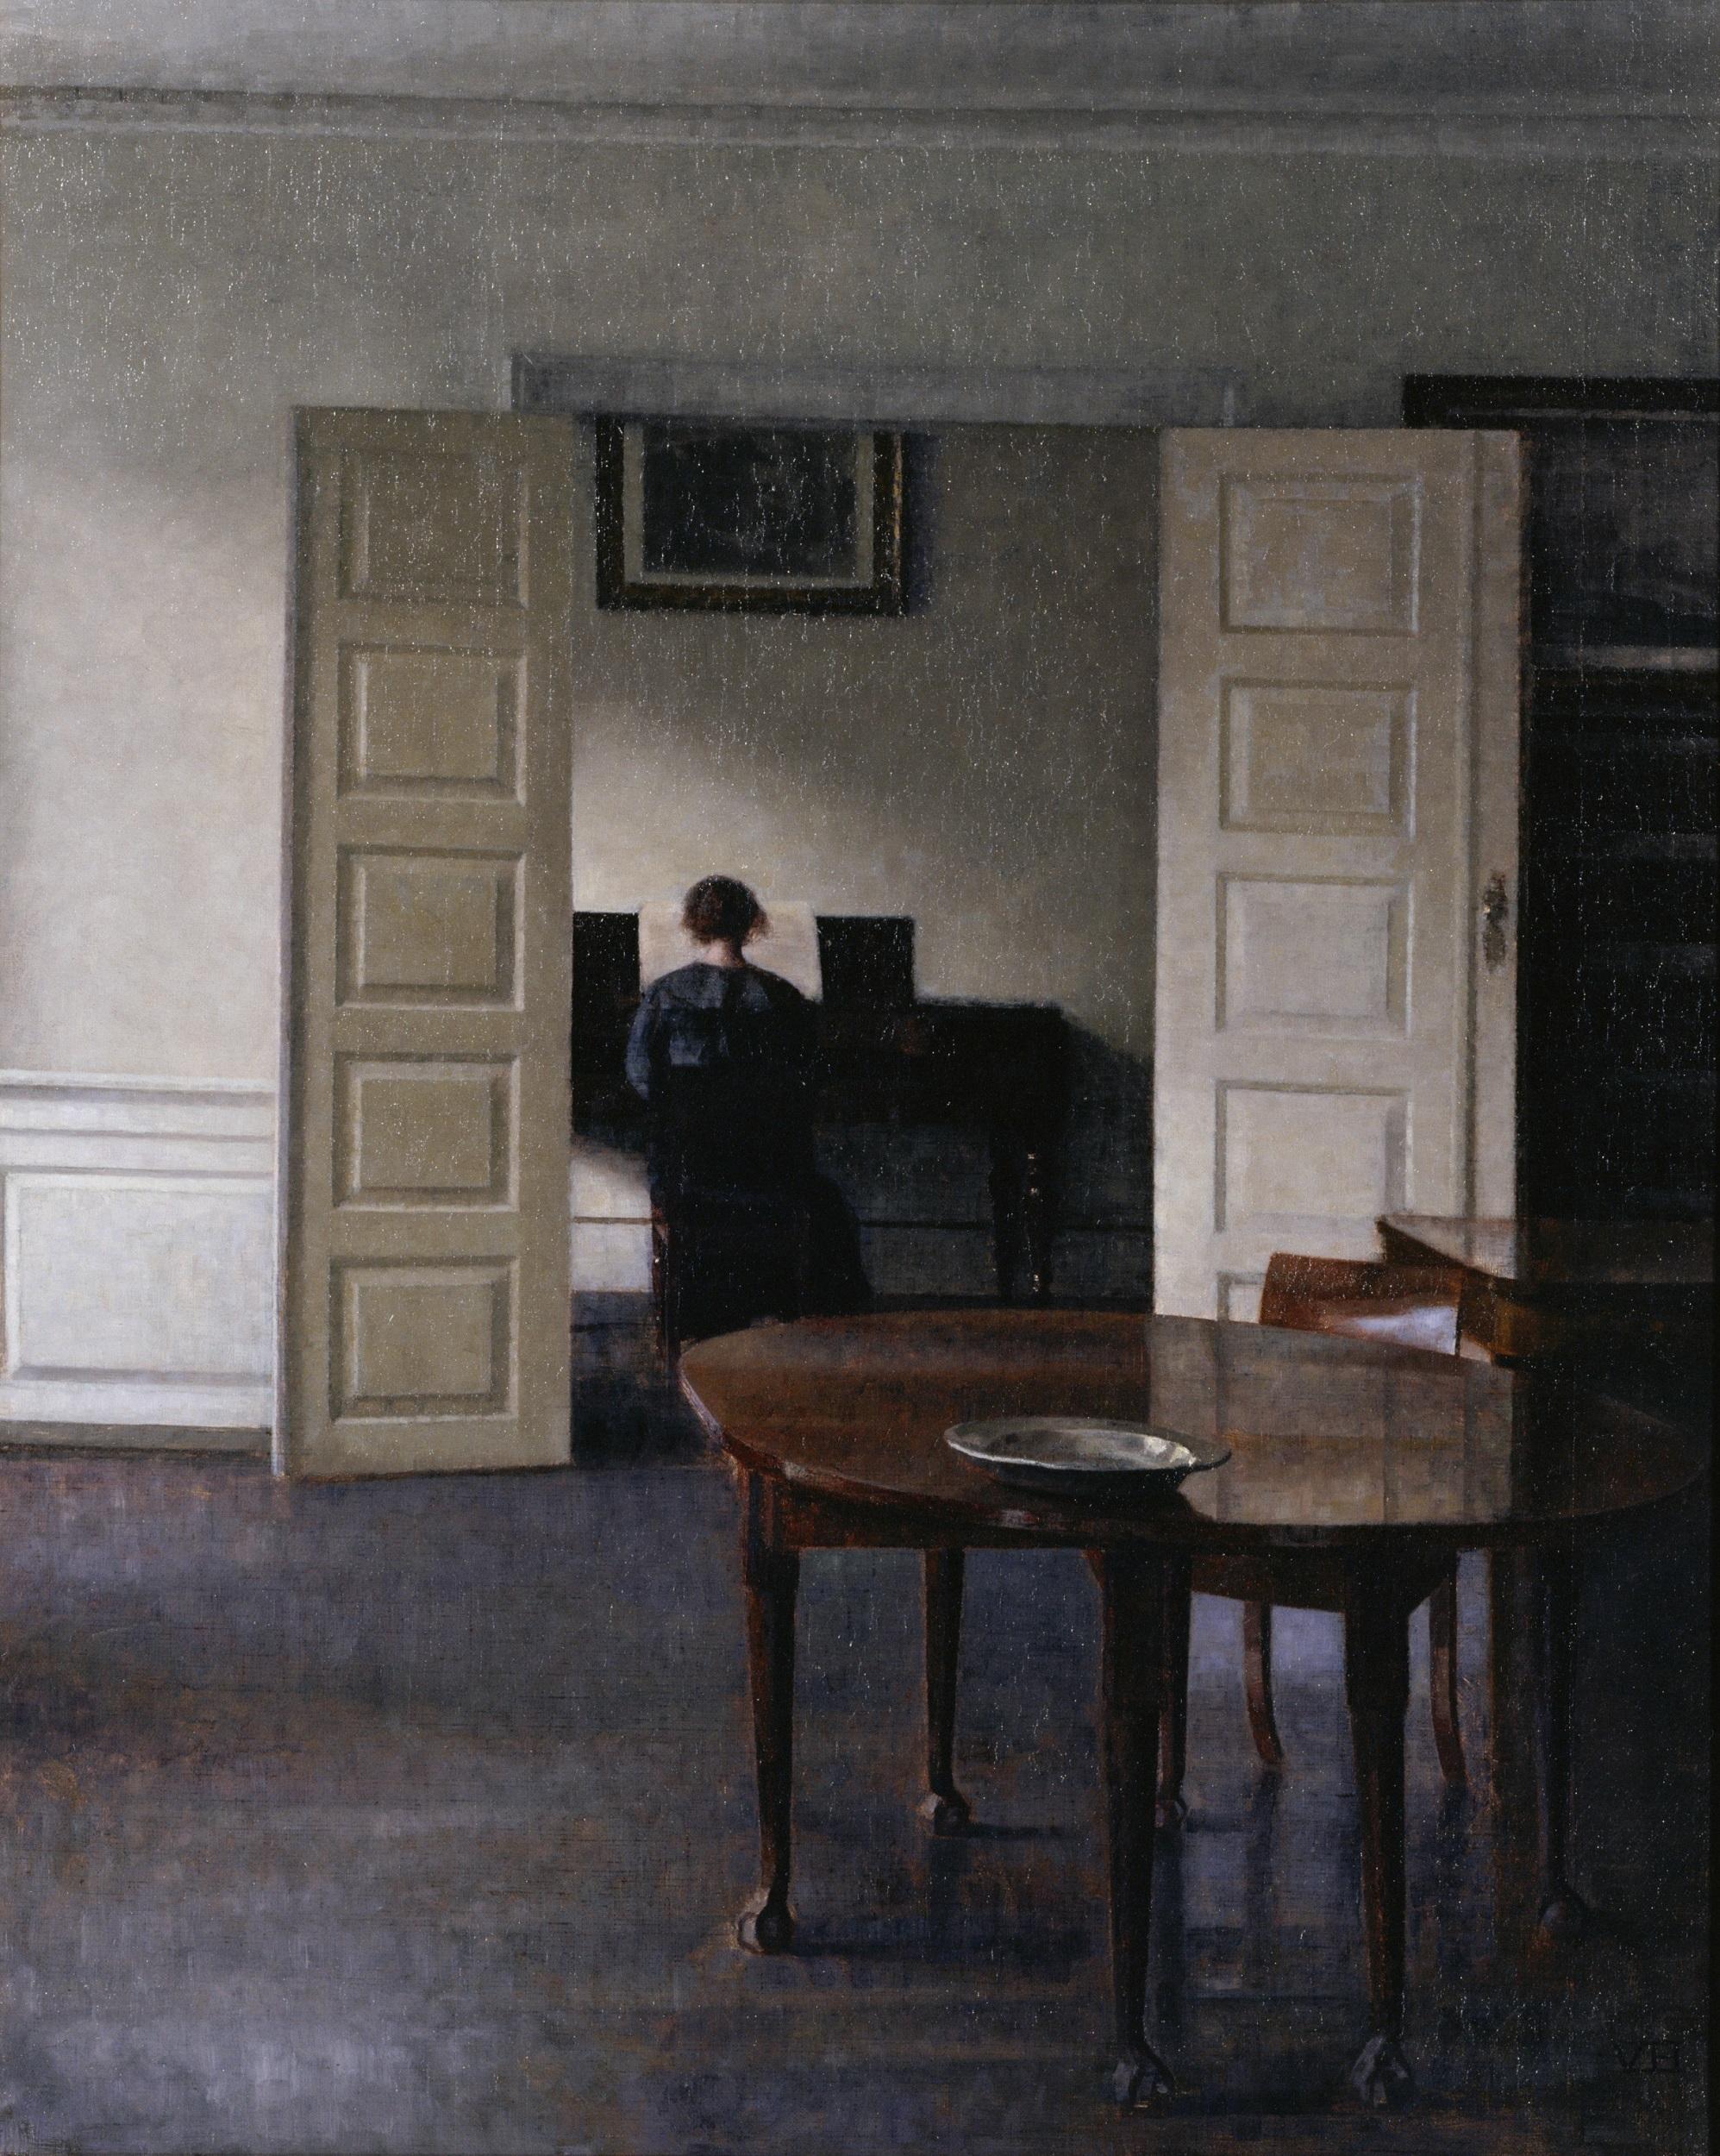 ヴィルヘルム・ハマスホイ 《ピアノを弾く妻イーダのいる室内》 1910年 国立西洋美術館蔵 〔東京展のみ出品〕